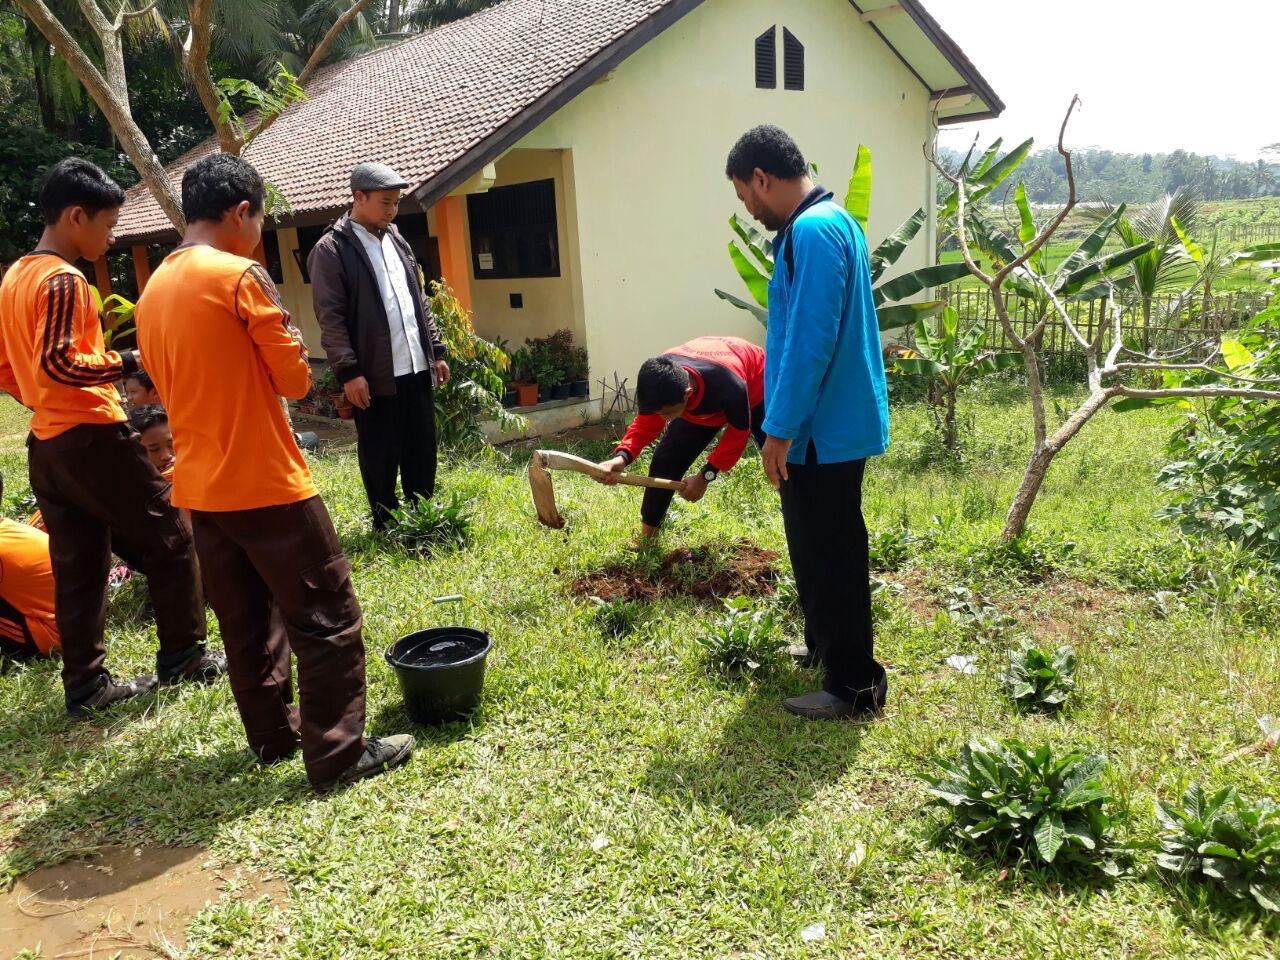 Planting the seedlings.